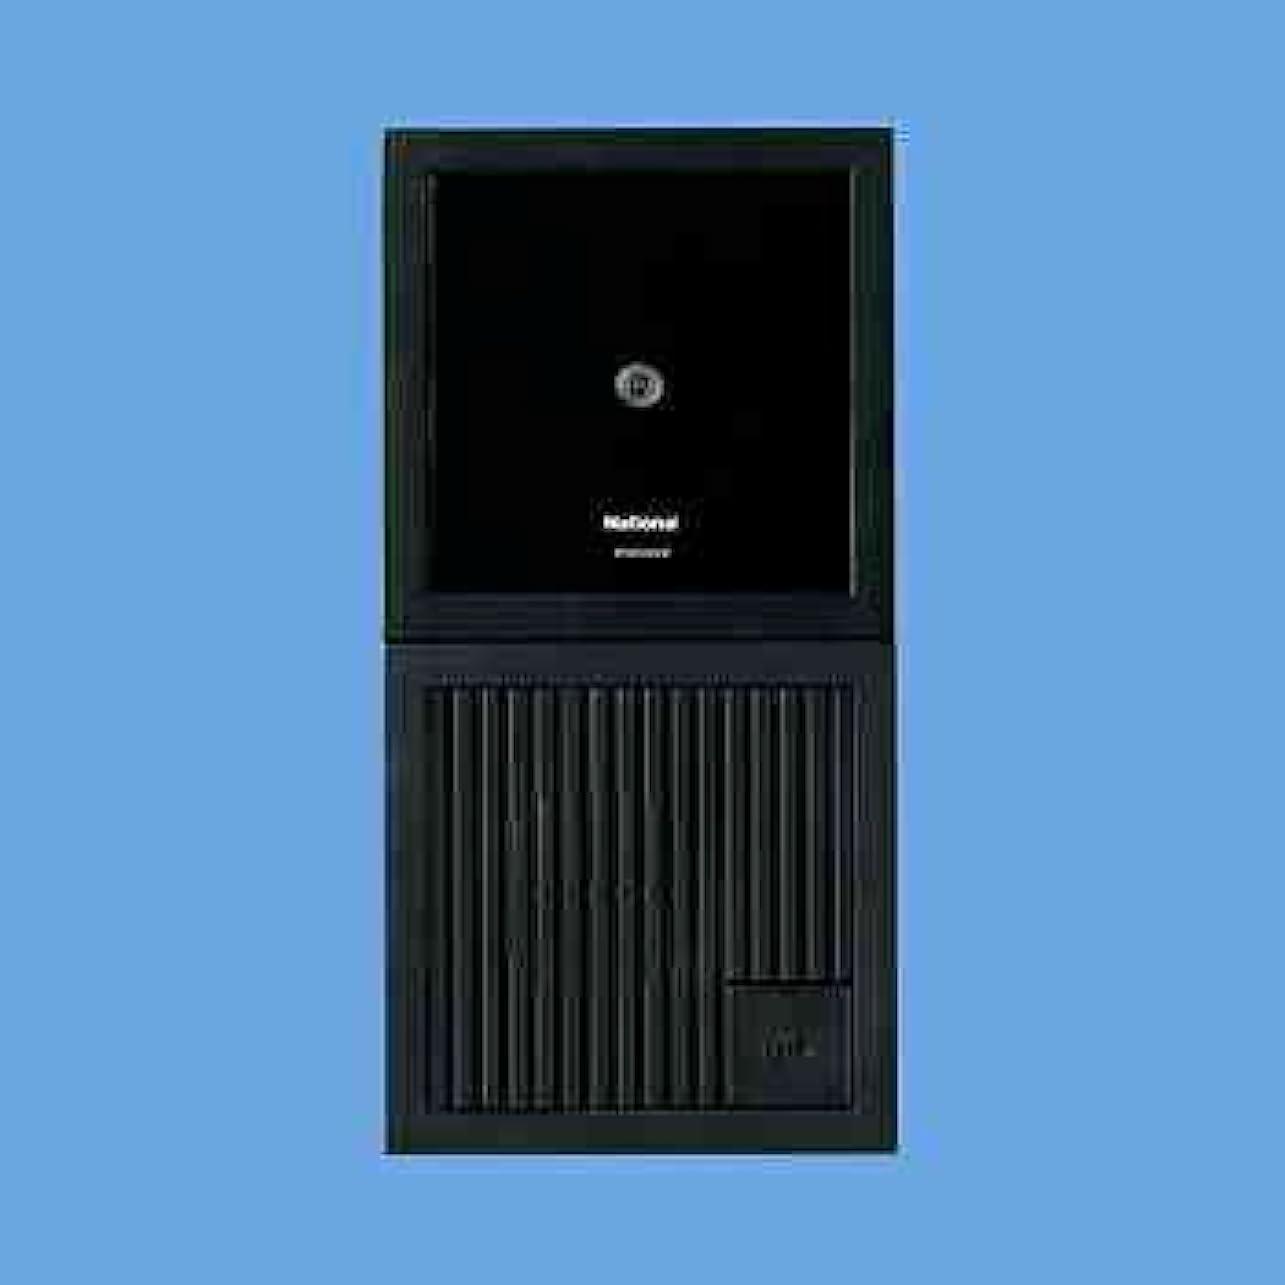 形式破壊的な以降パナソニック WQD828B カラーテレビドアホン カラー玄関番FFタイプ カラーカメラ付ドアホン子器(埋込型)